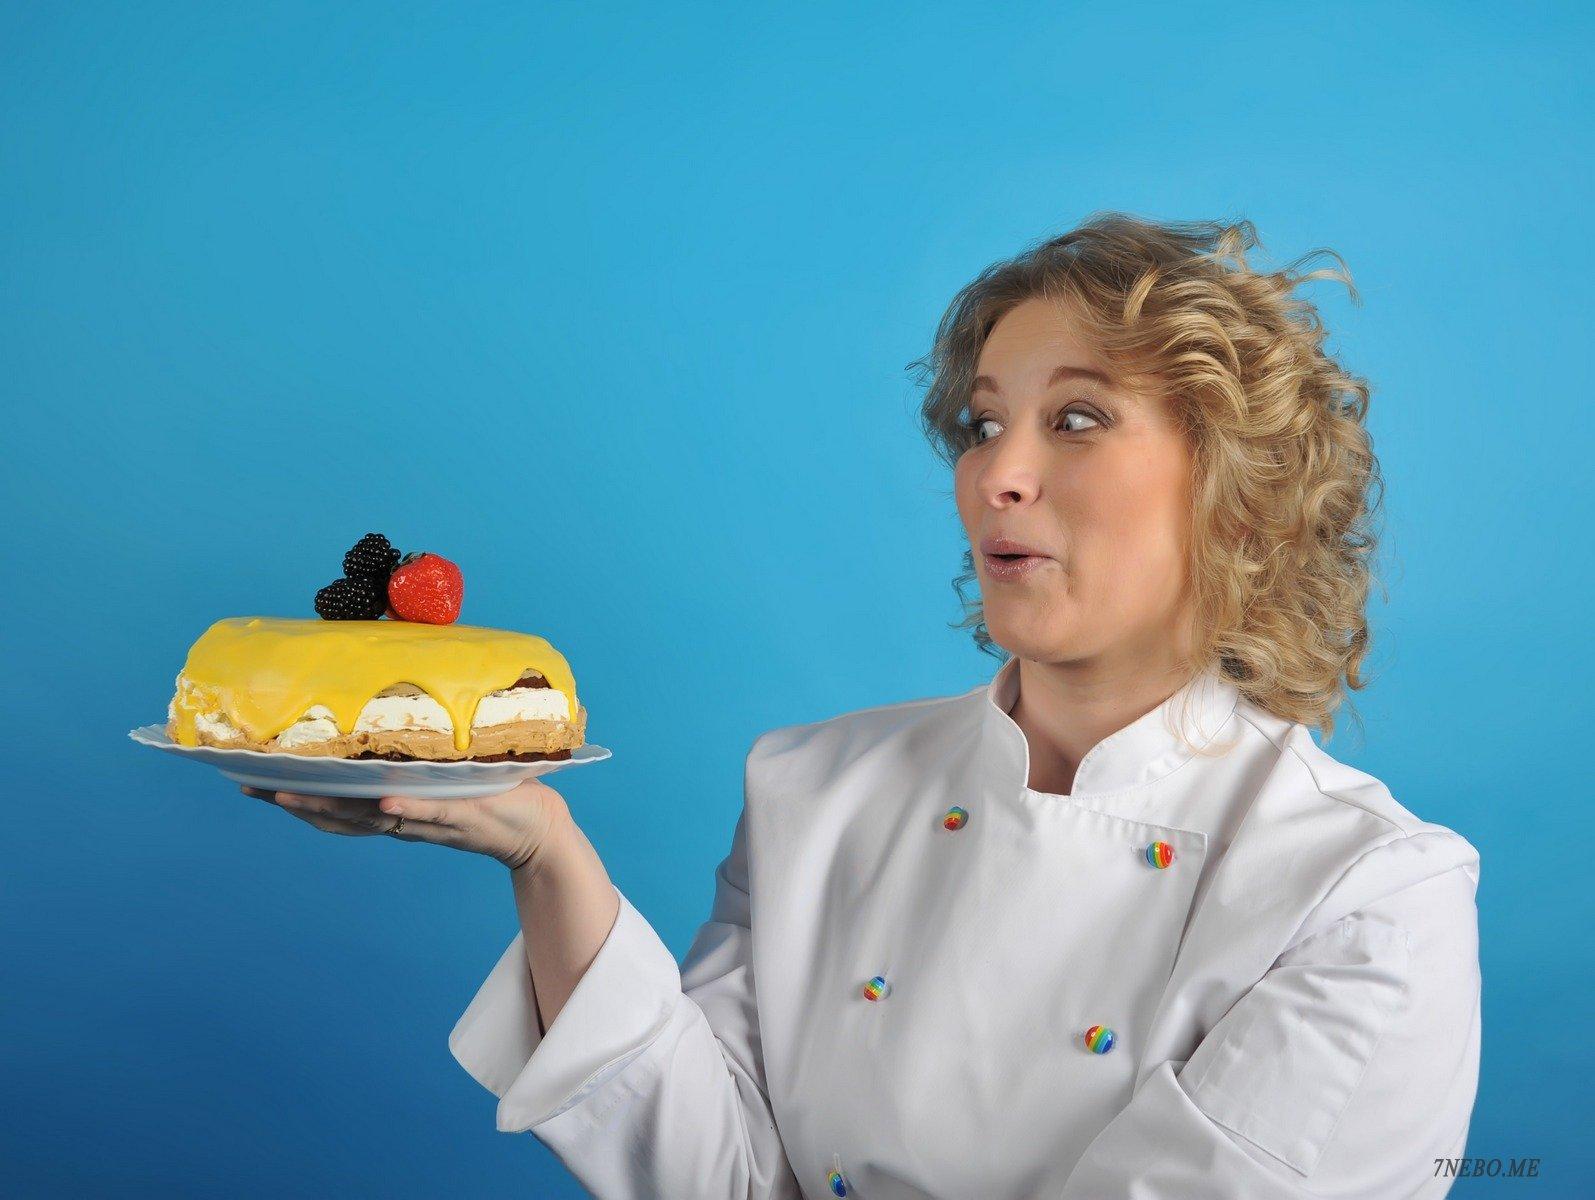 Украшение тортов на дому - идеальная работа для мам в декрете